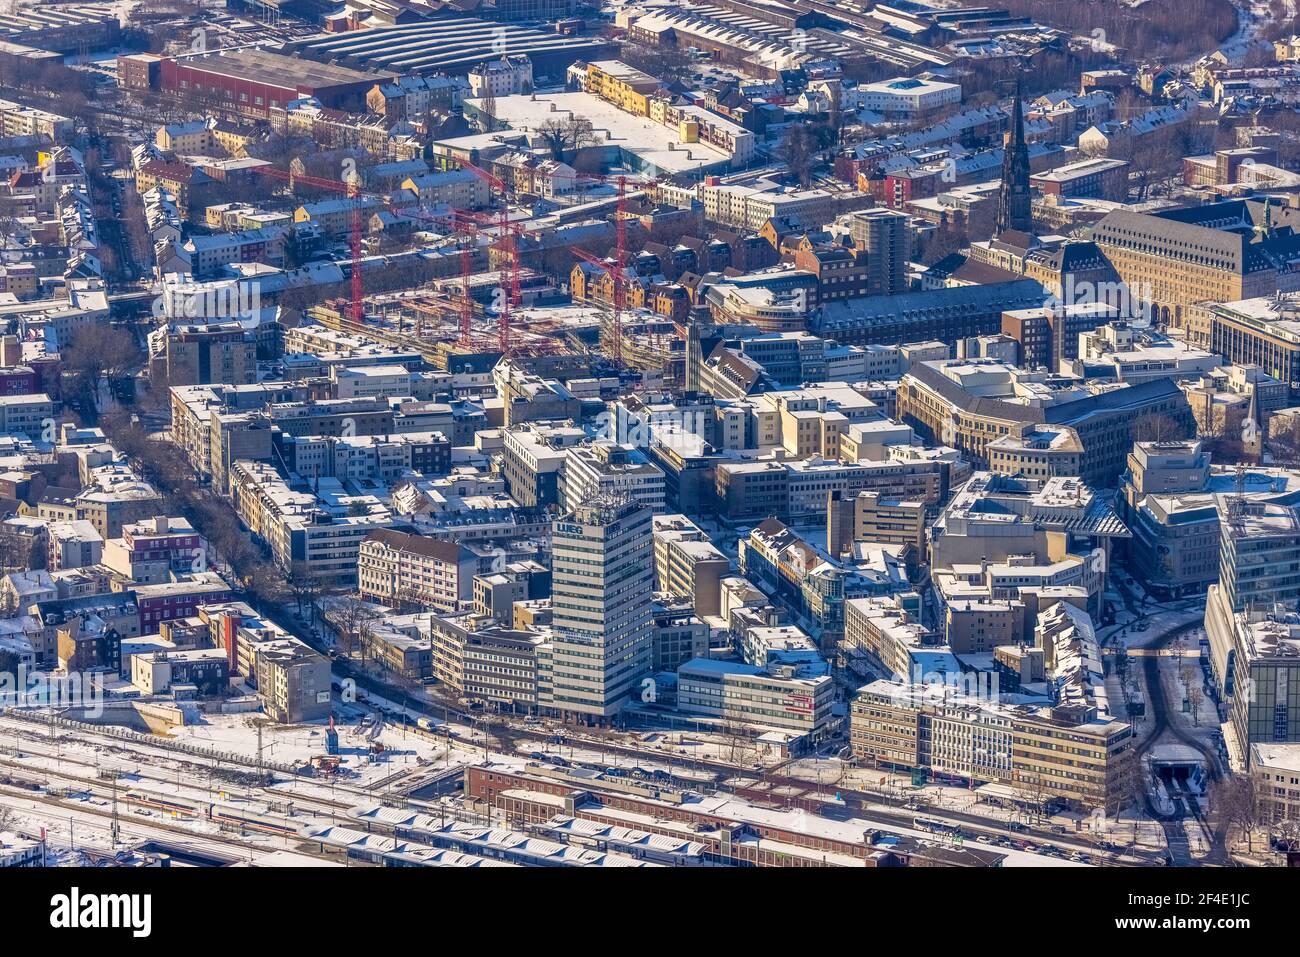 , Luftbild, Blick in die Innenstadt, Baustelle und Neubau für dreiteiligen Gewerbebaukomplex Viktoria Karree, Viktoriastraße, ehem Stockfoto